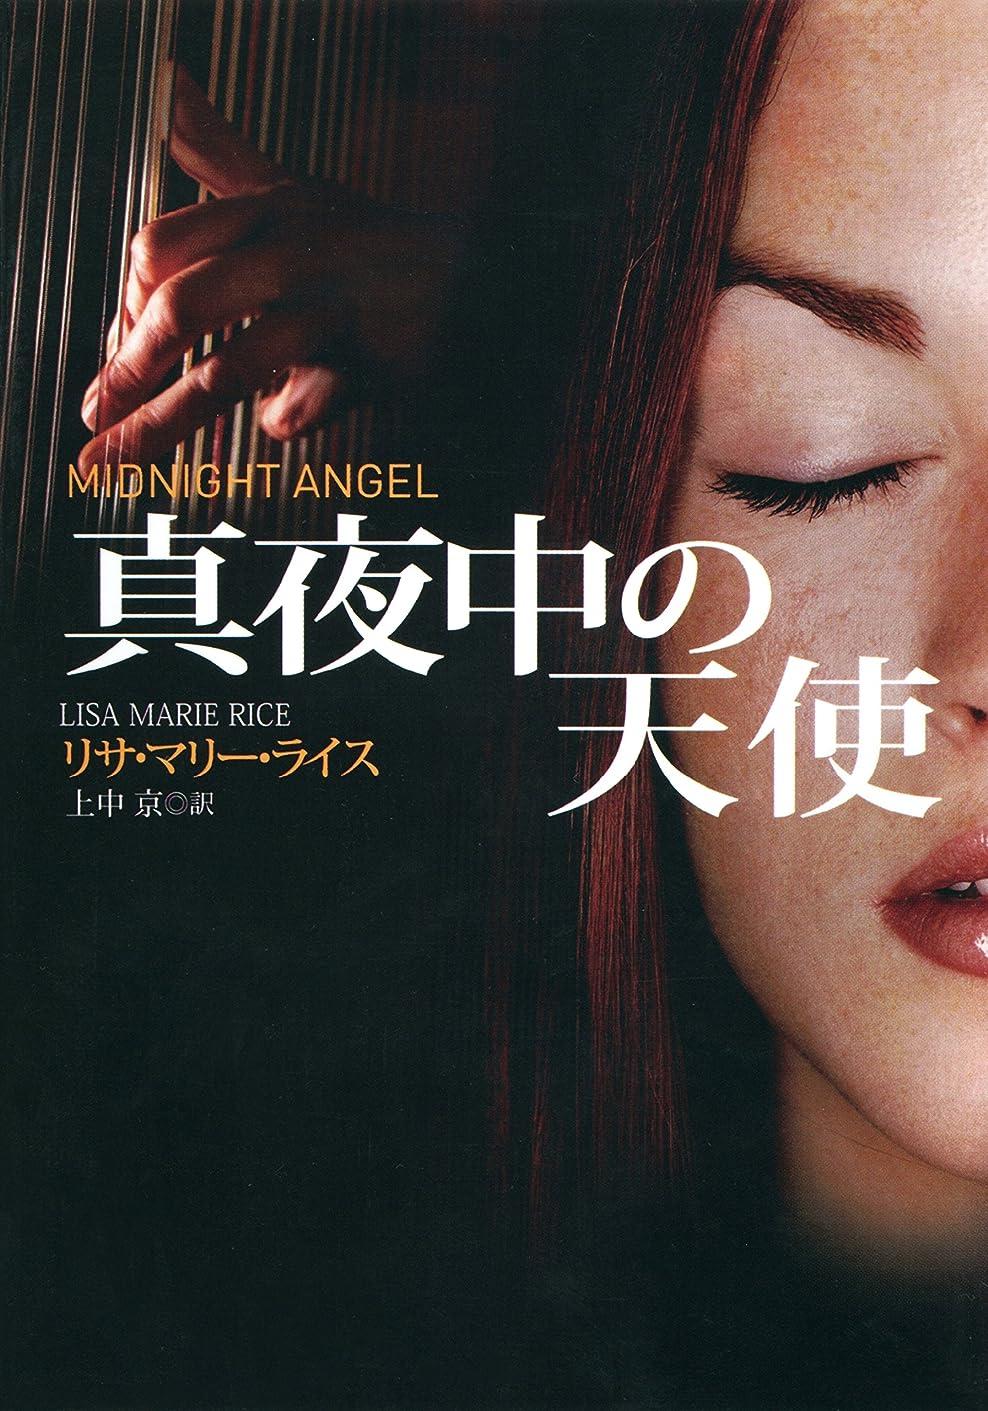 孤独西スナッチ真夜中の天使 ミッドナイトシリーズ (扶桑社BOOKSロマンス)